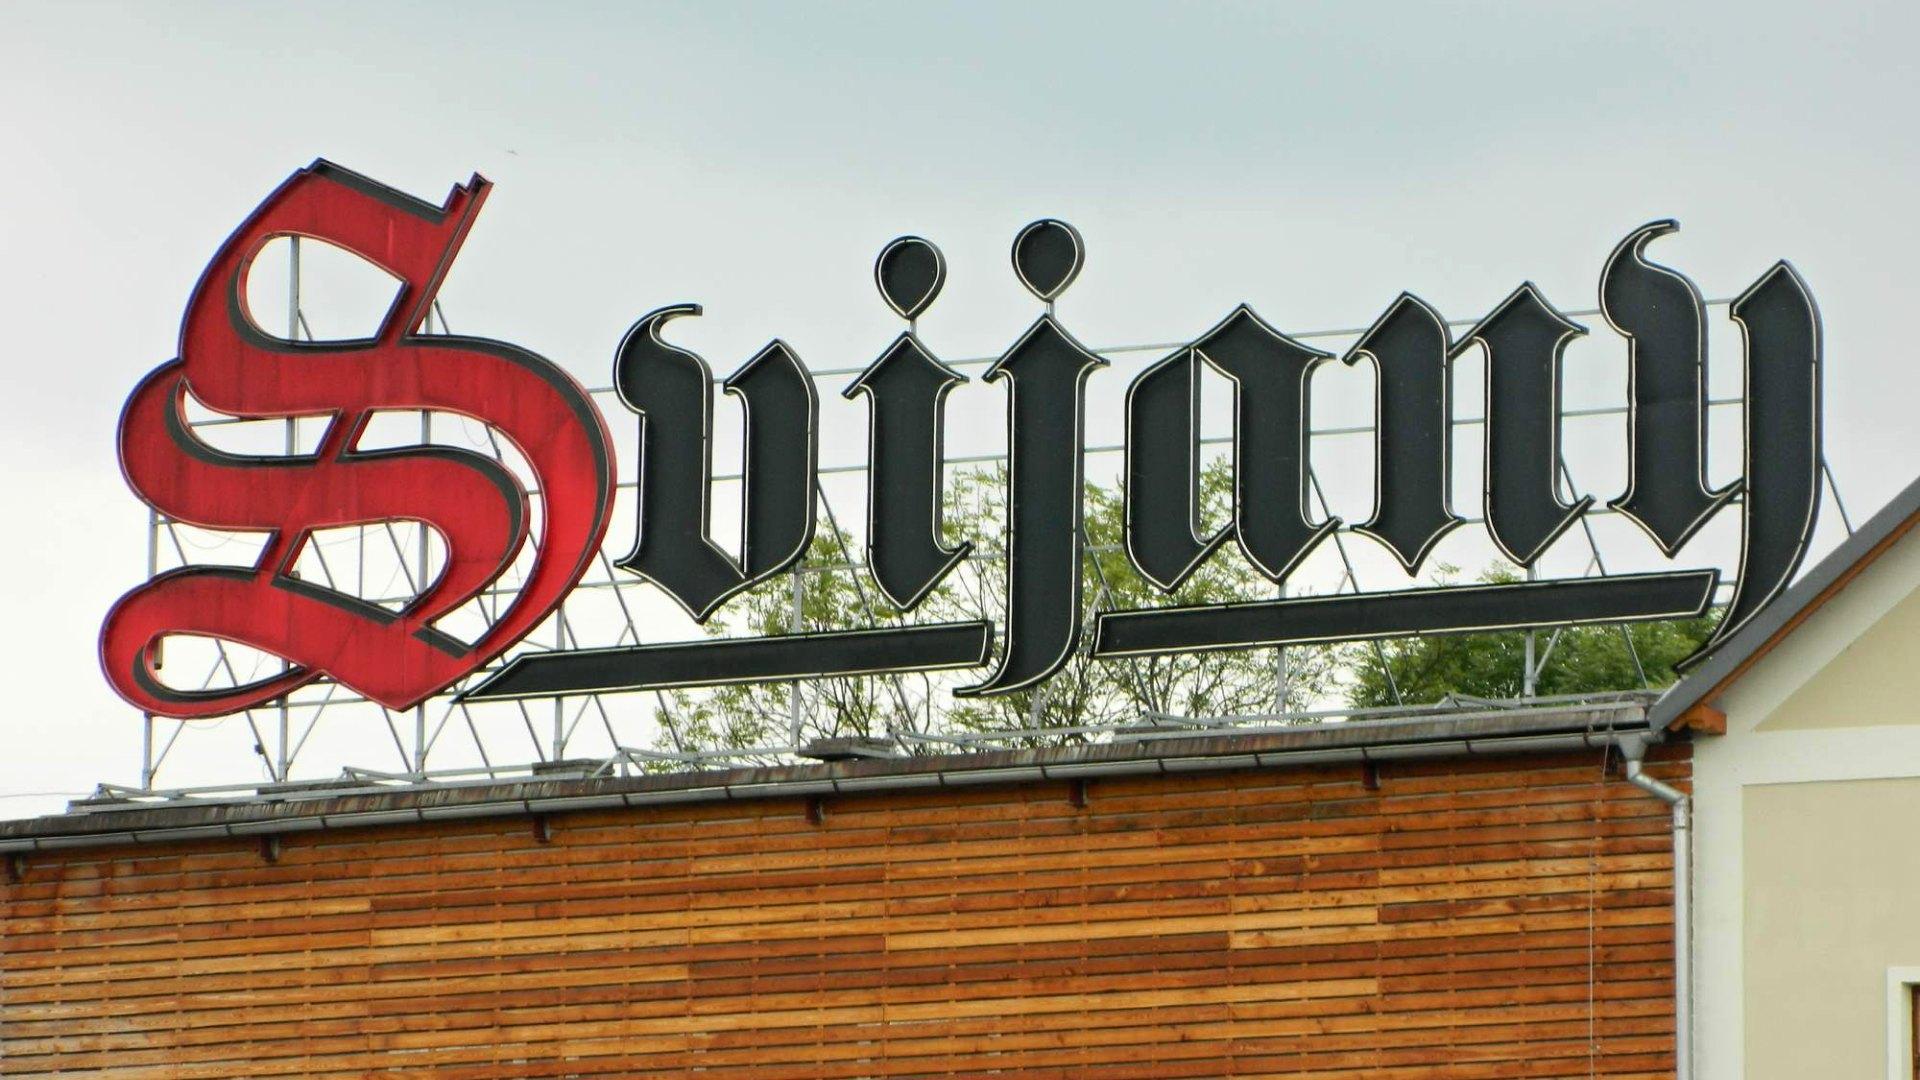 Pivovar Svijany – Prodejna, restaurace, průvodce